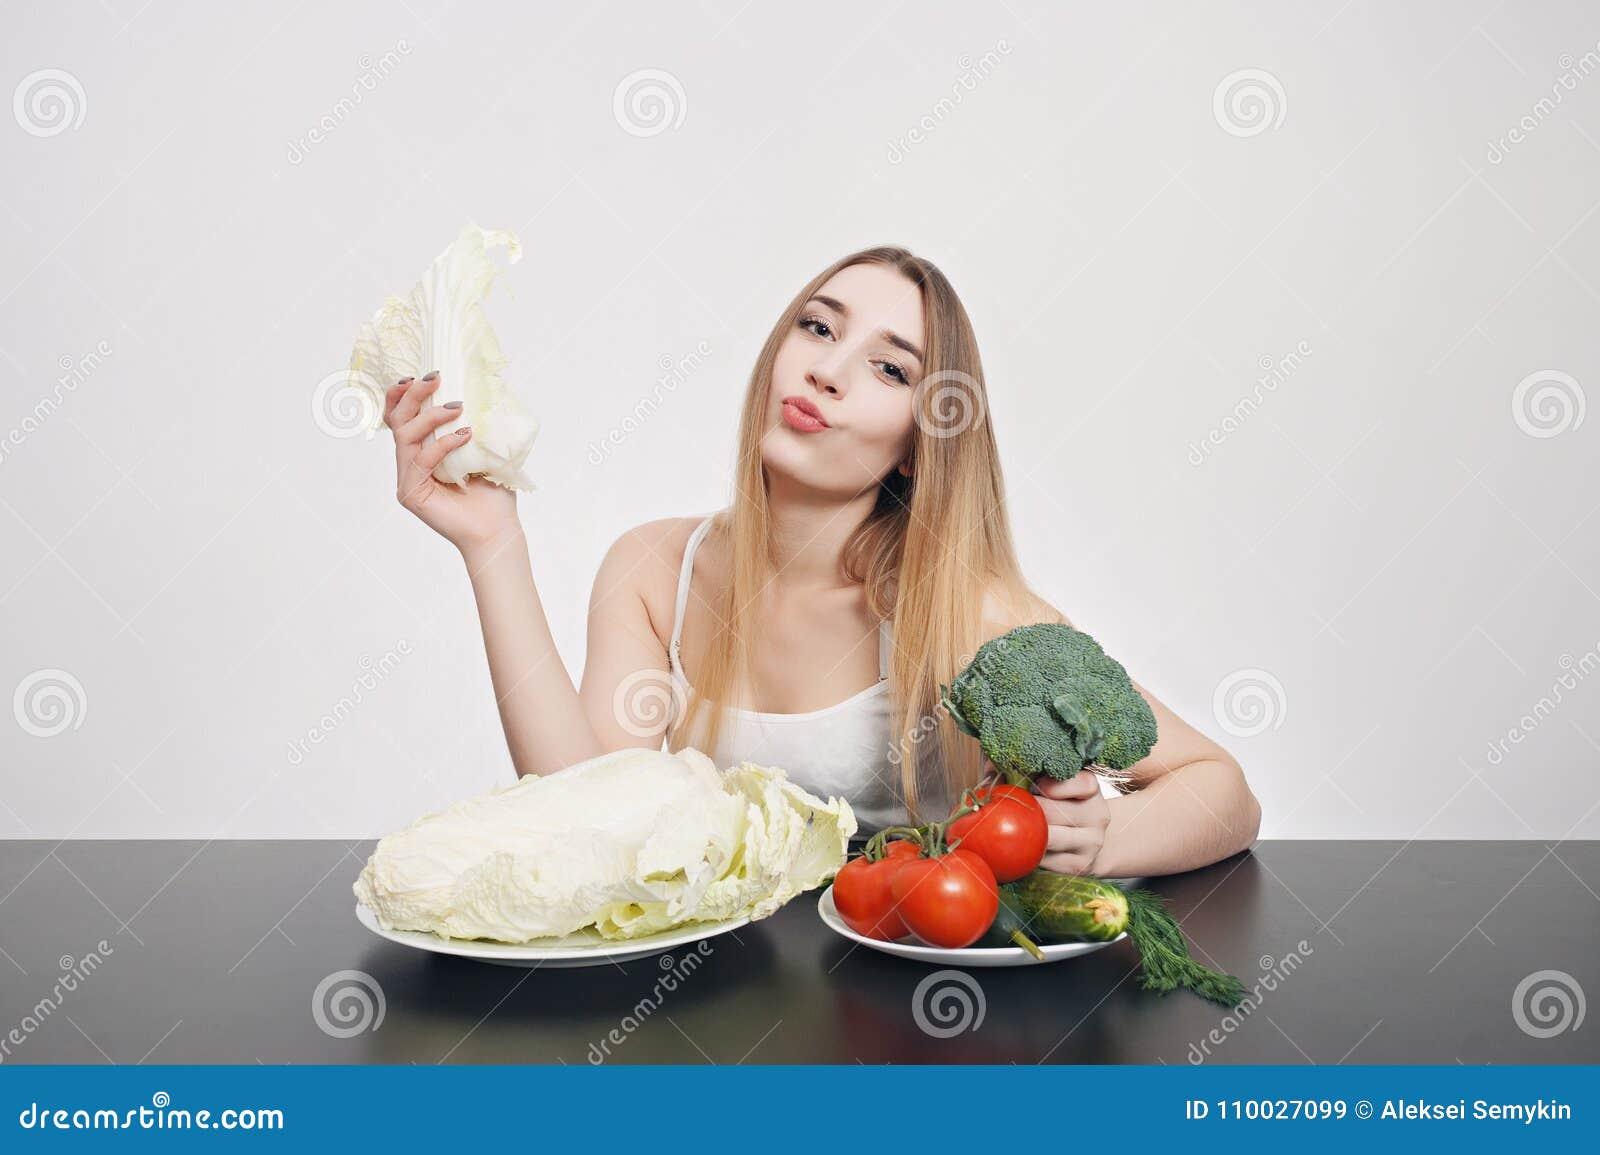 Mooi jong meisje bij een lijst met groenten voor salade Kok thuis Concept gezond, vegetarisch voedsel